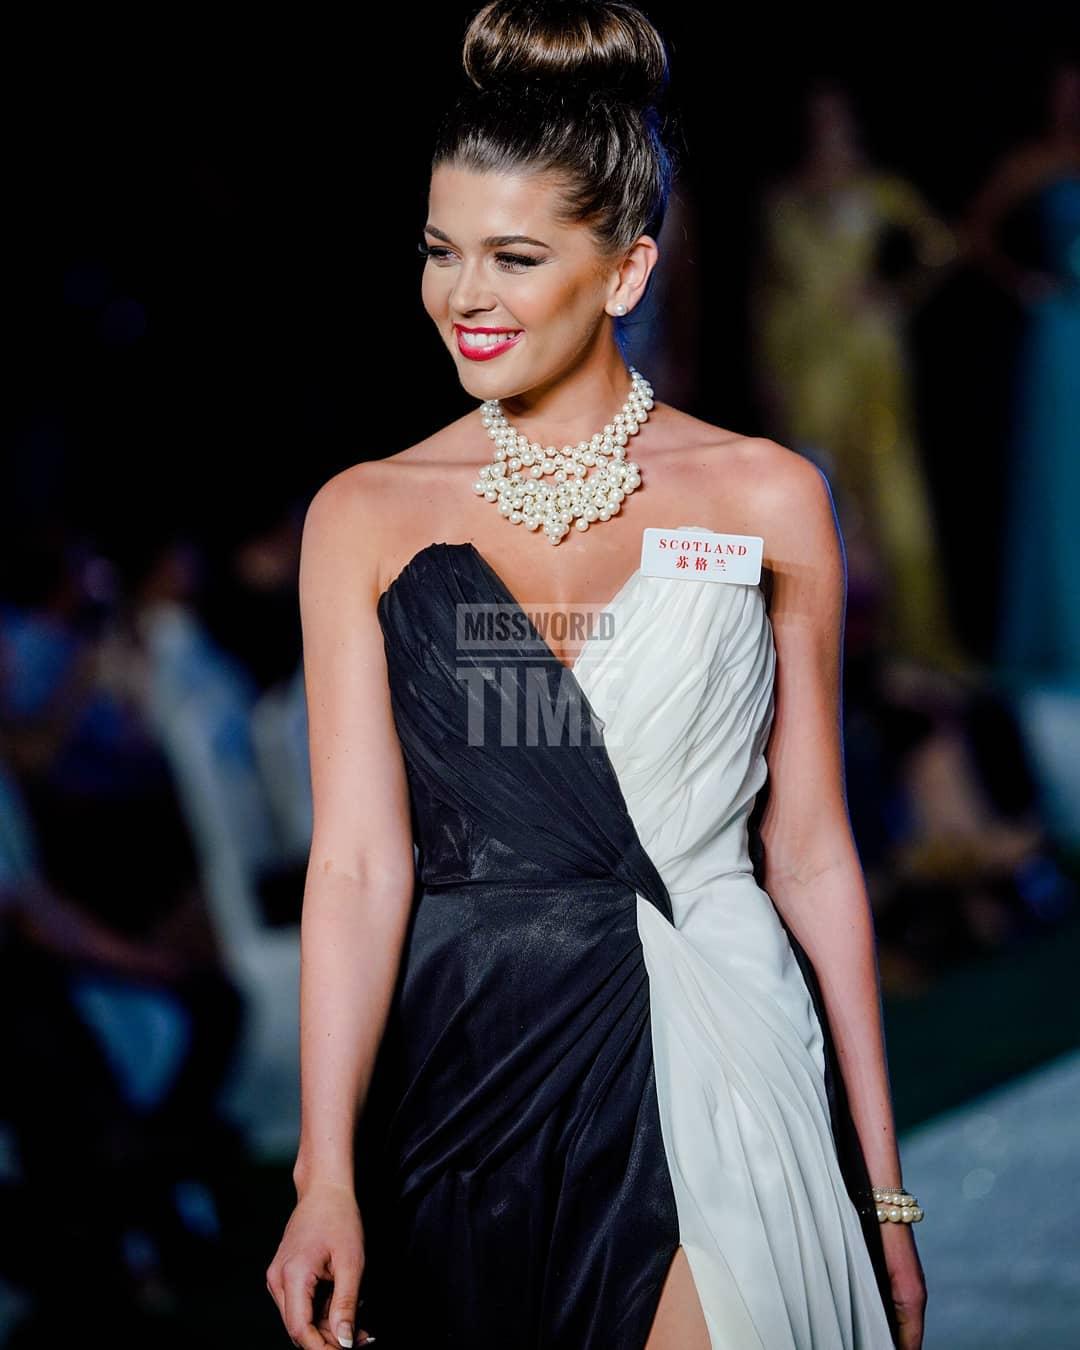 miss world 2018: fast track top model. vencedora: miss france. - Página 3 Cxzwvzfq